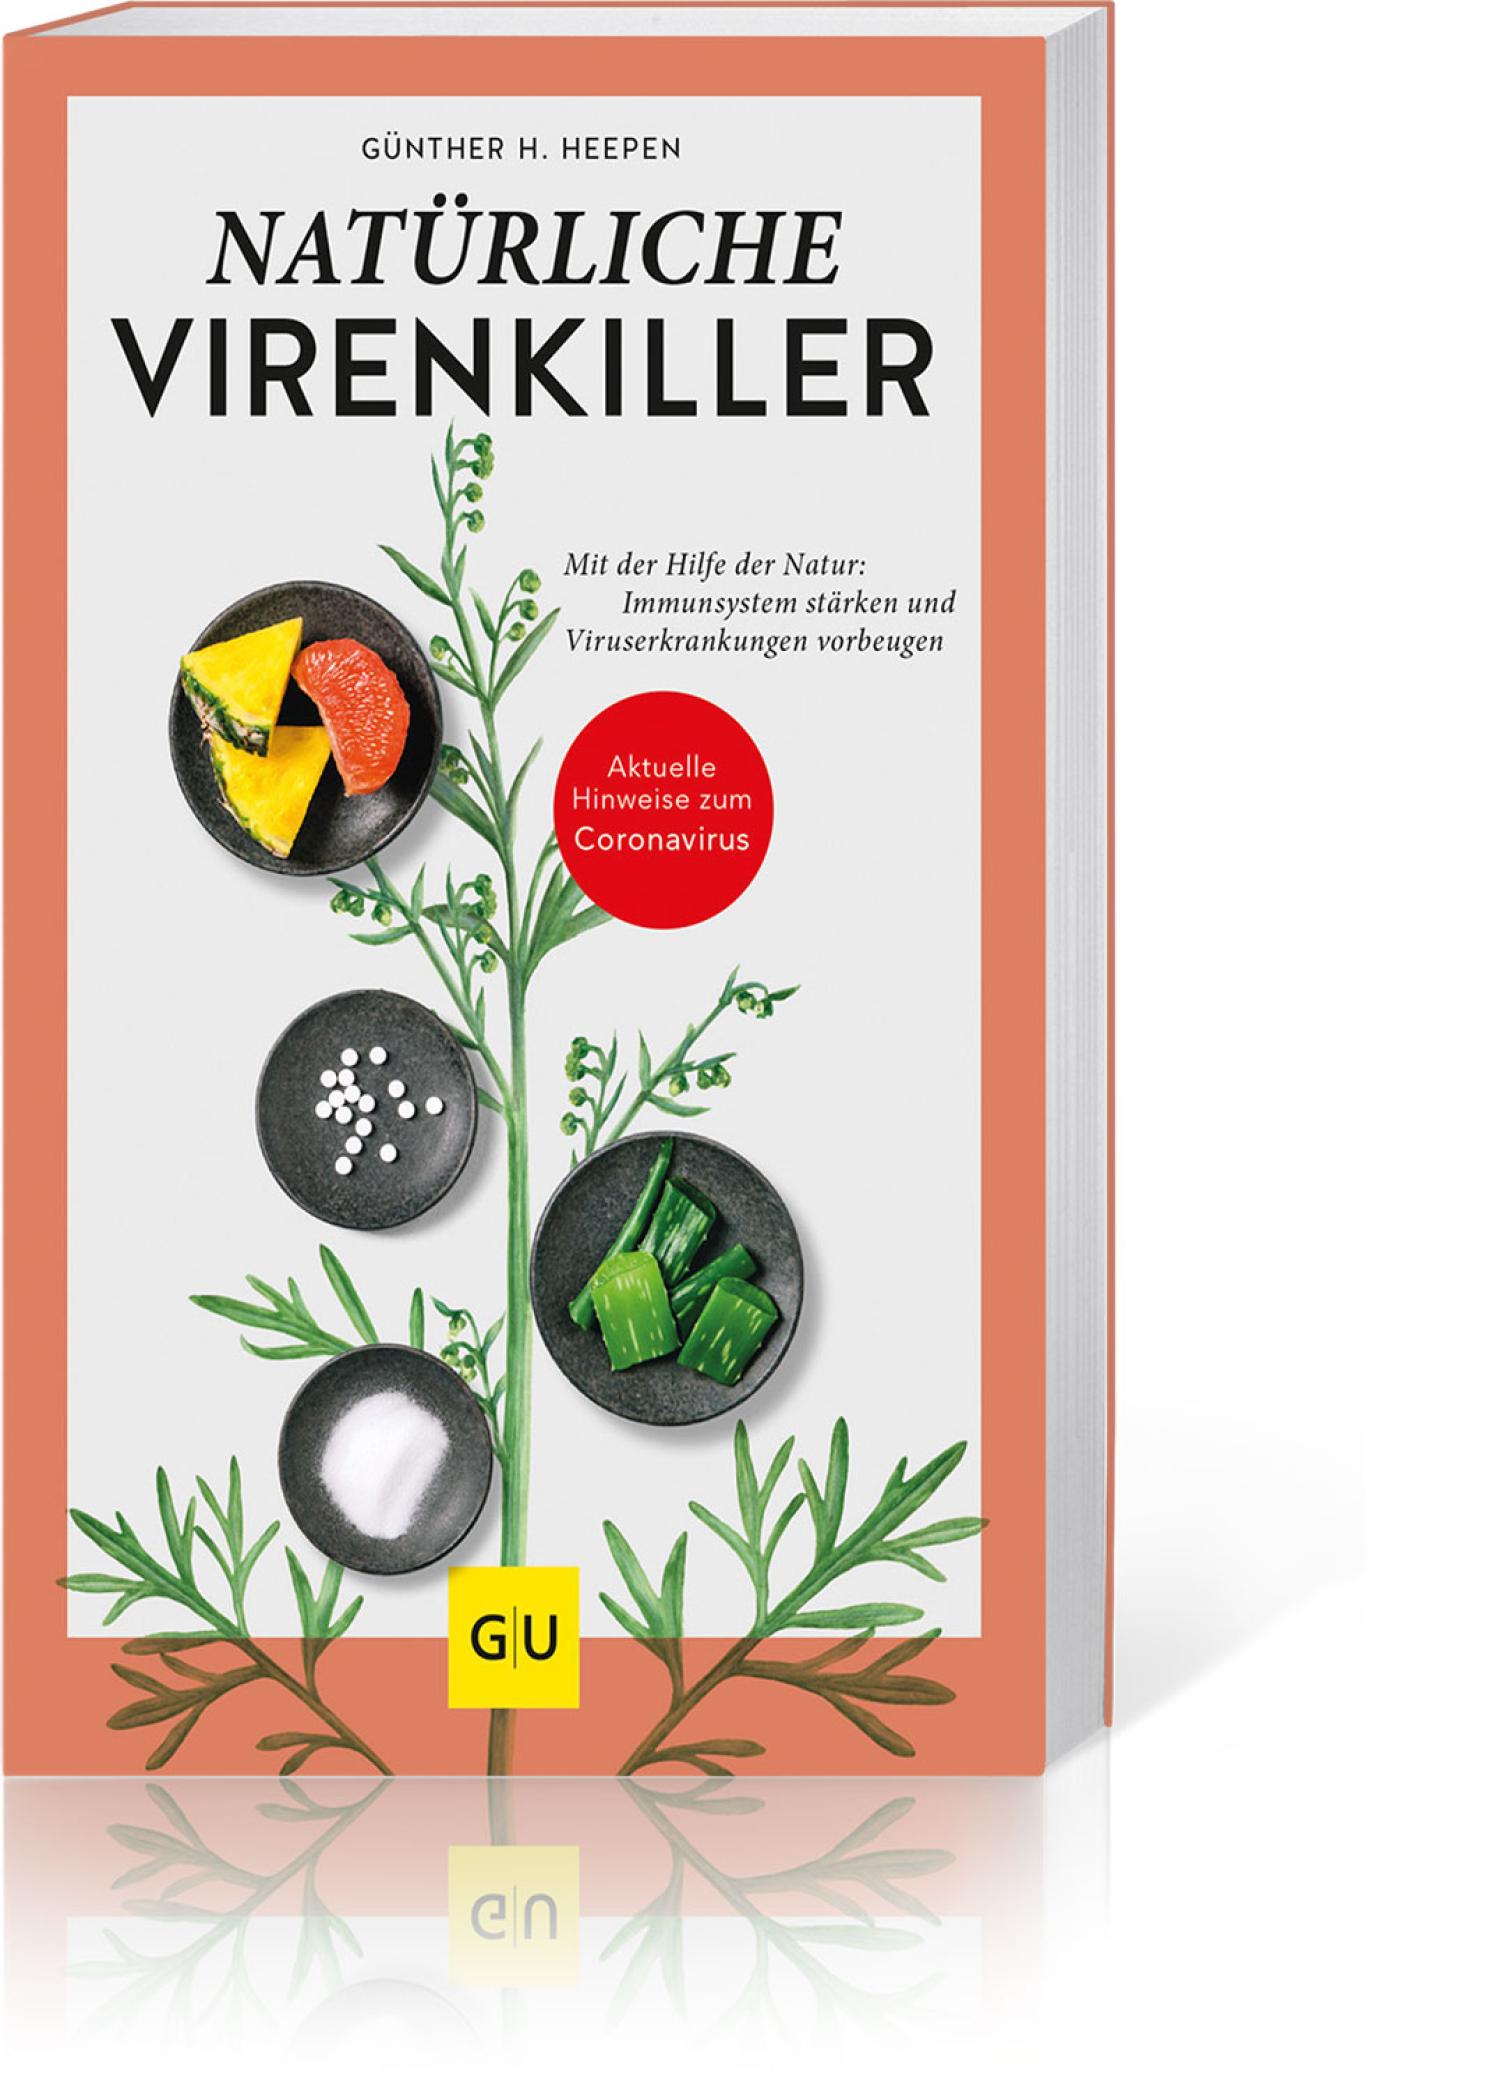 Natürliche Virenkiller, Produktbild 1